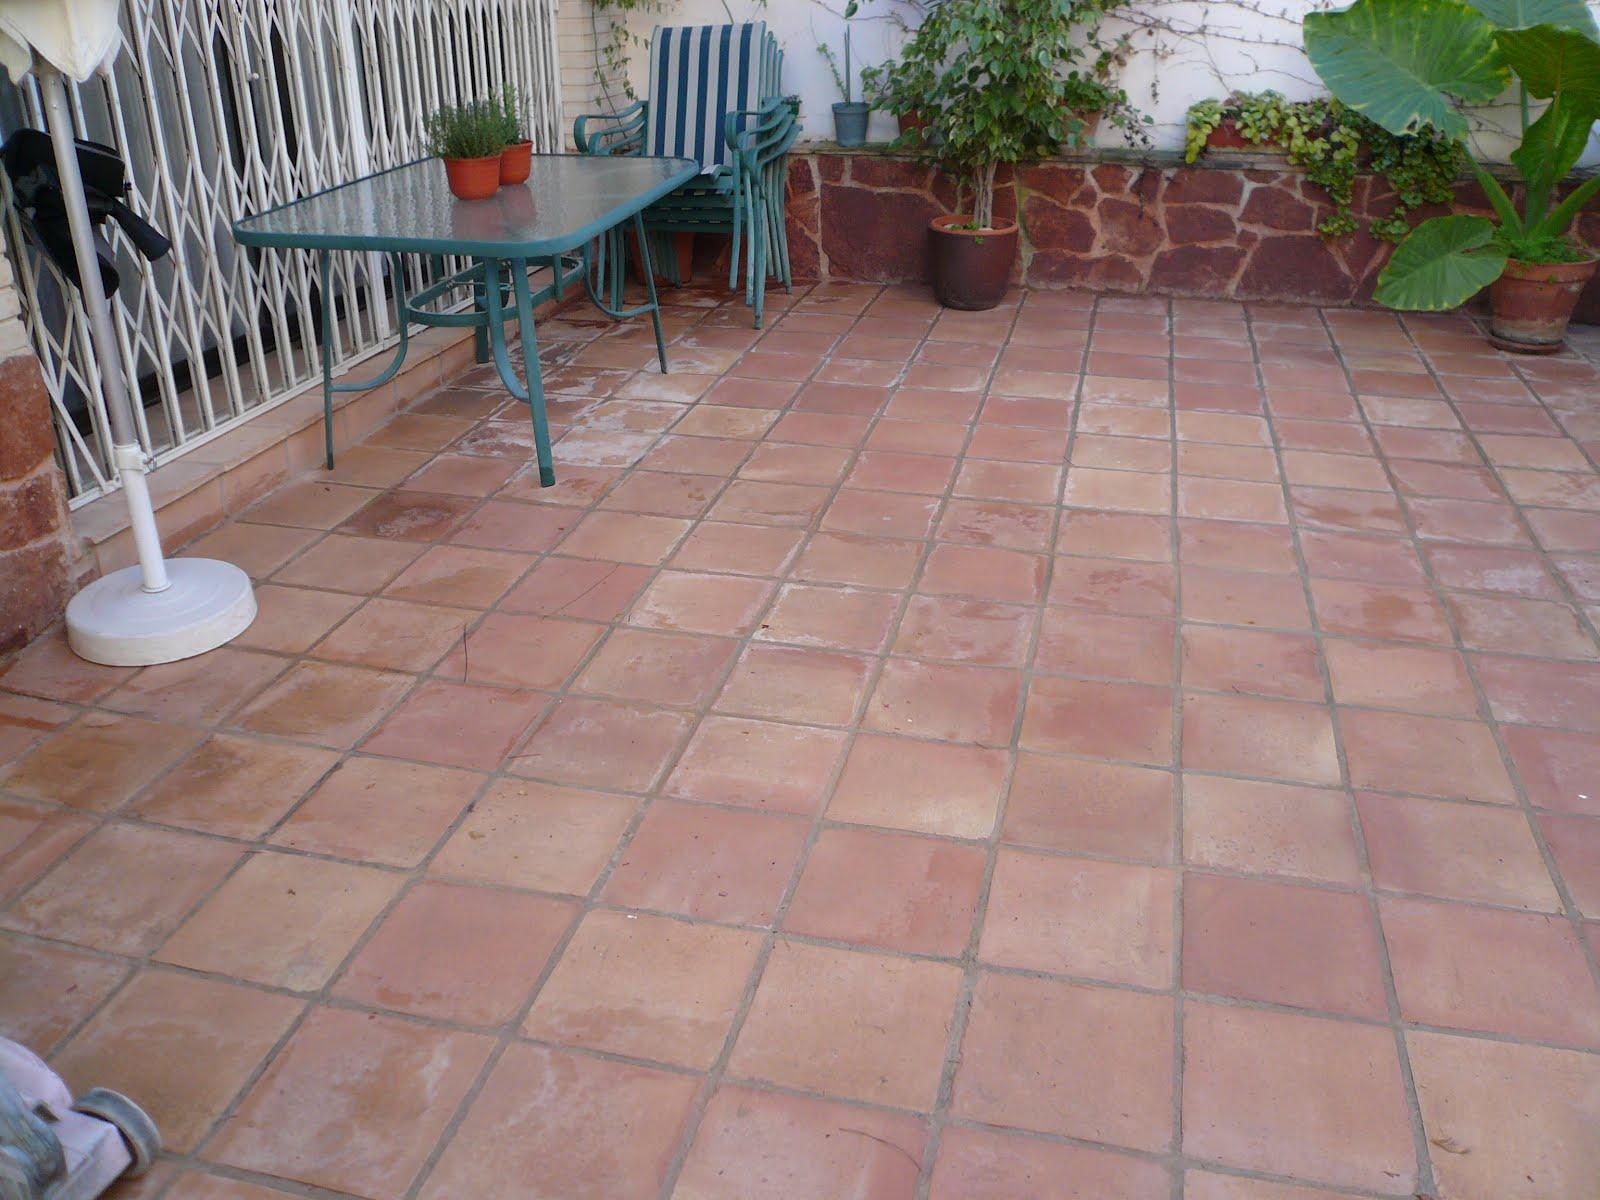 Suelos rusticos exterior elegant diy patio options with - Suelos rusticos exterior ...